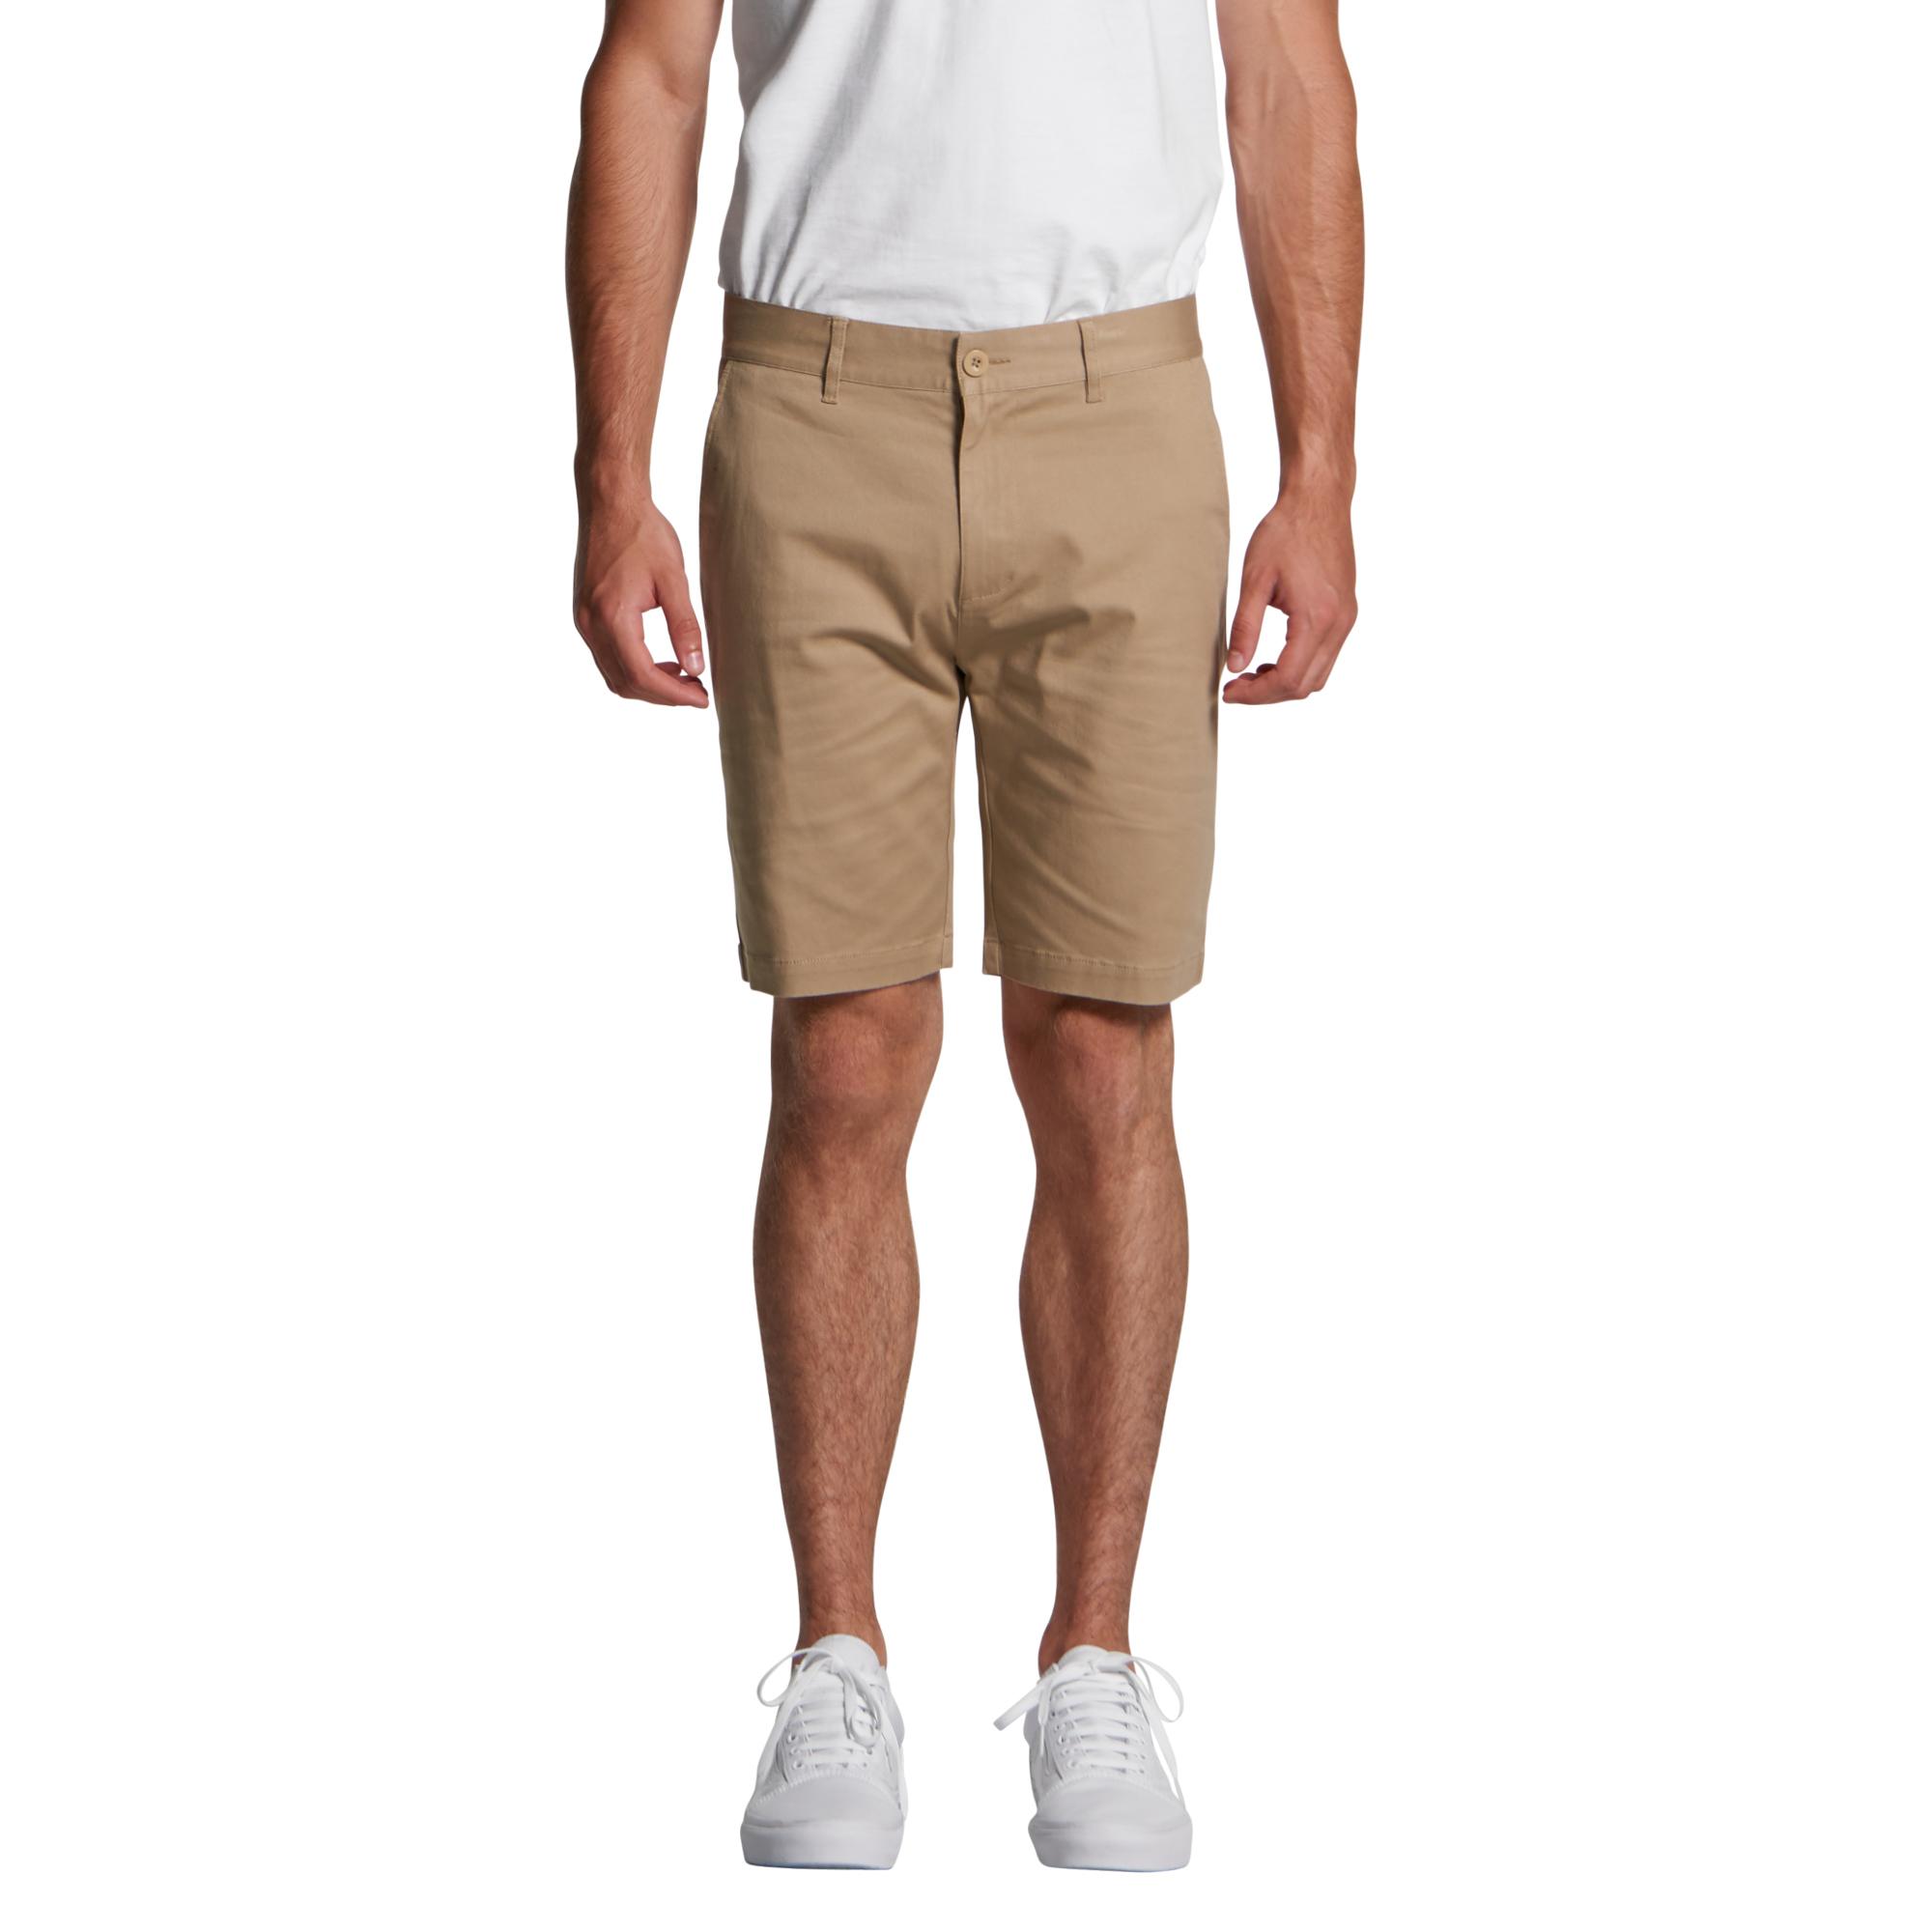 AS Colour Plain Shorts (5902_AS)